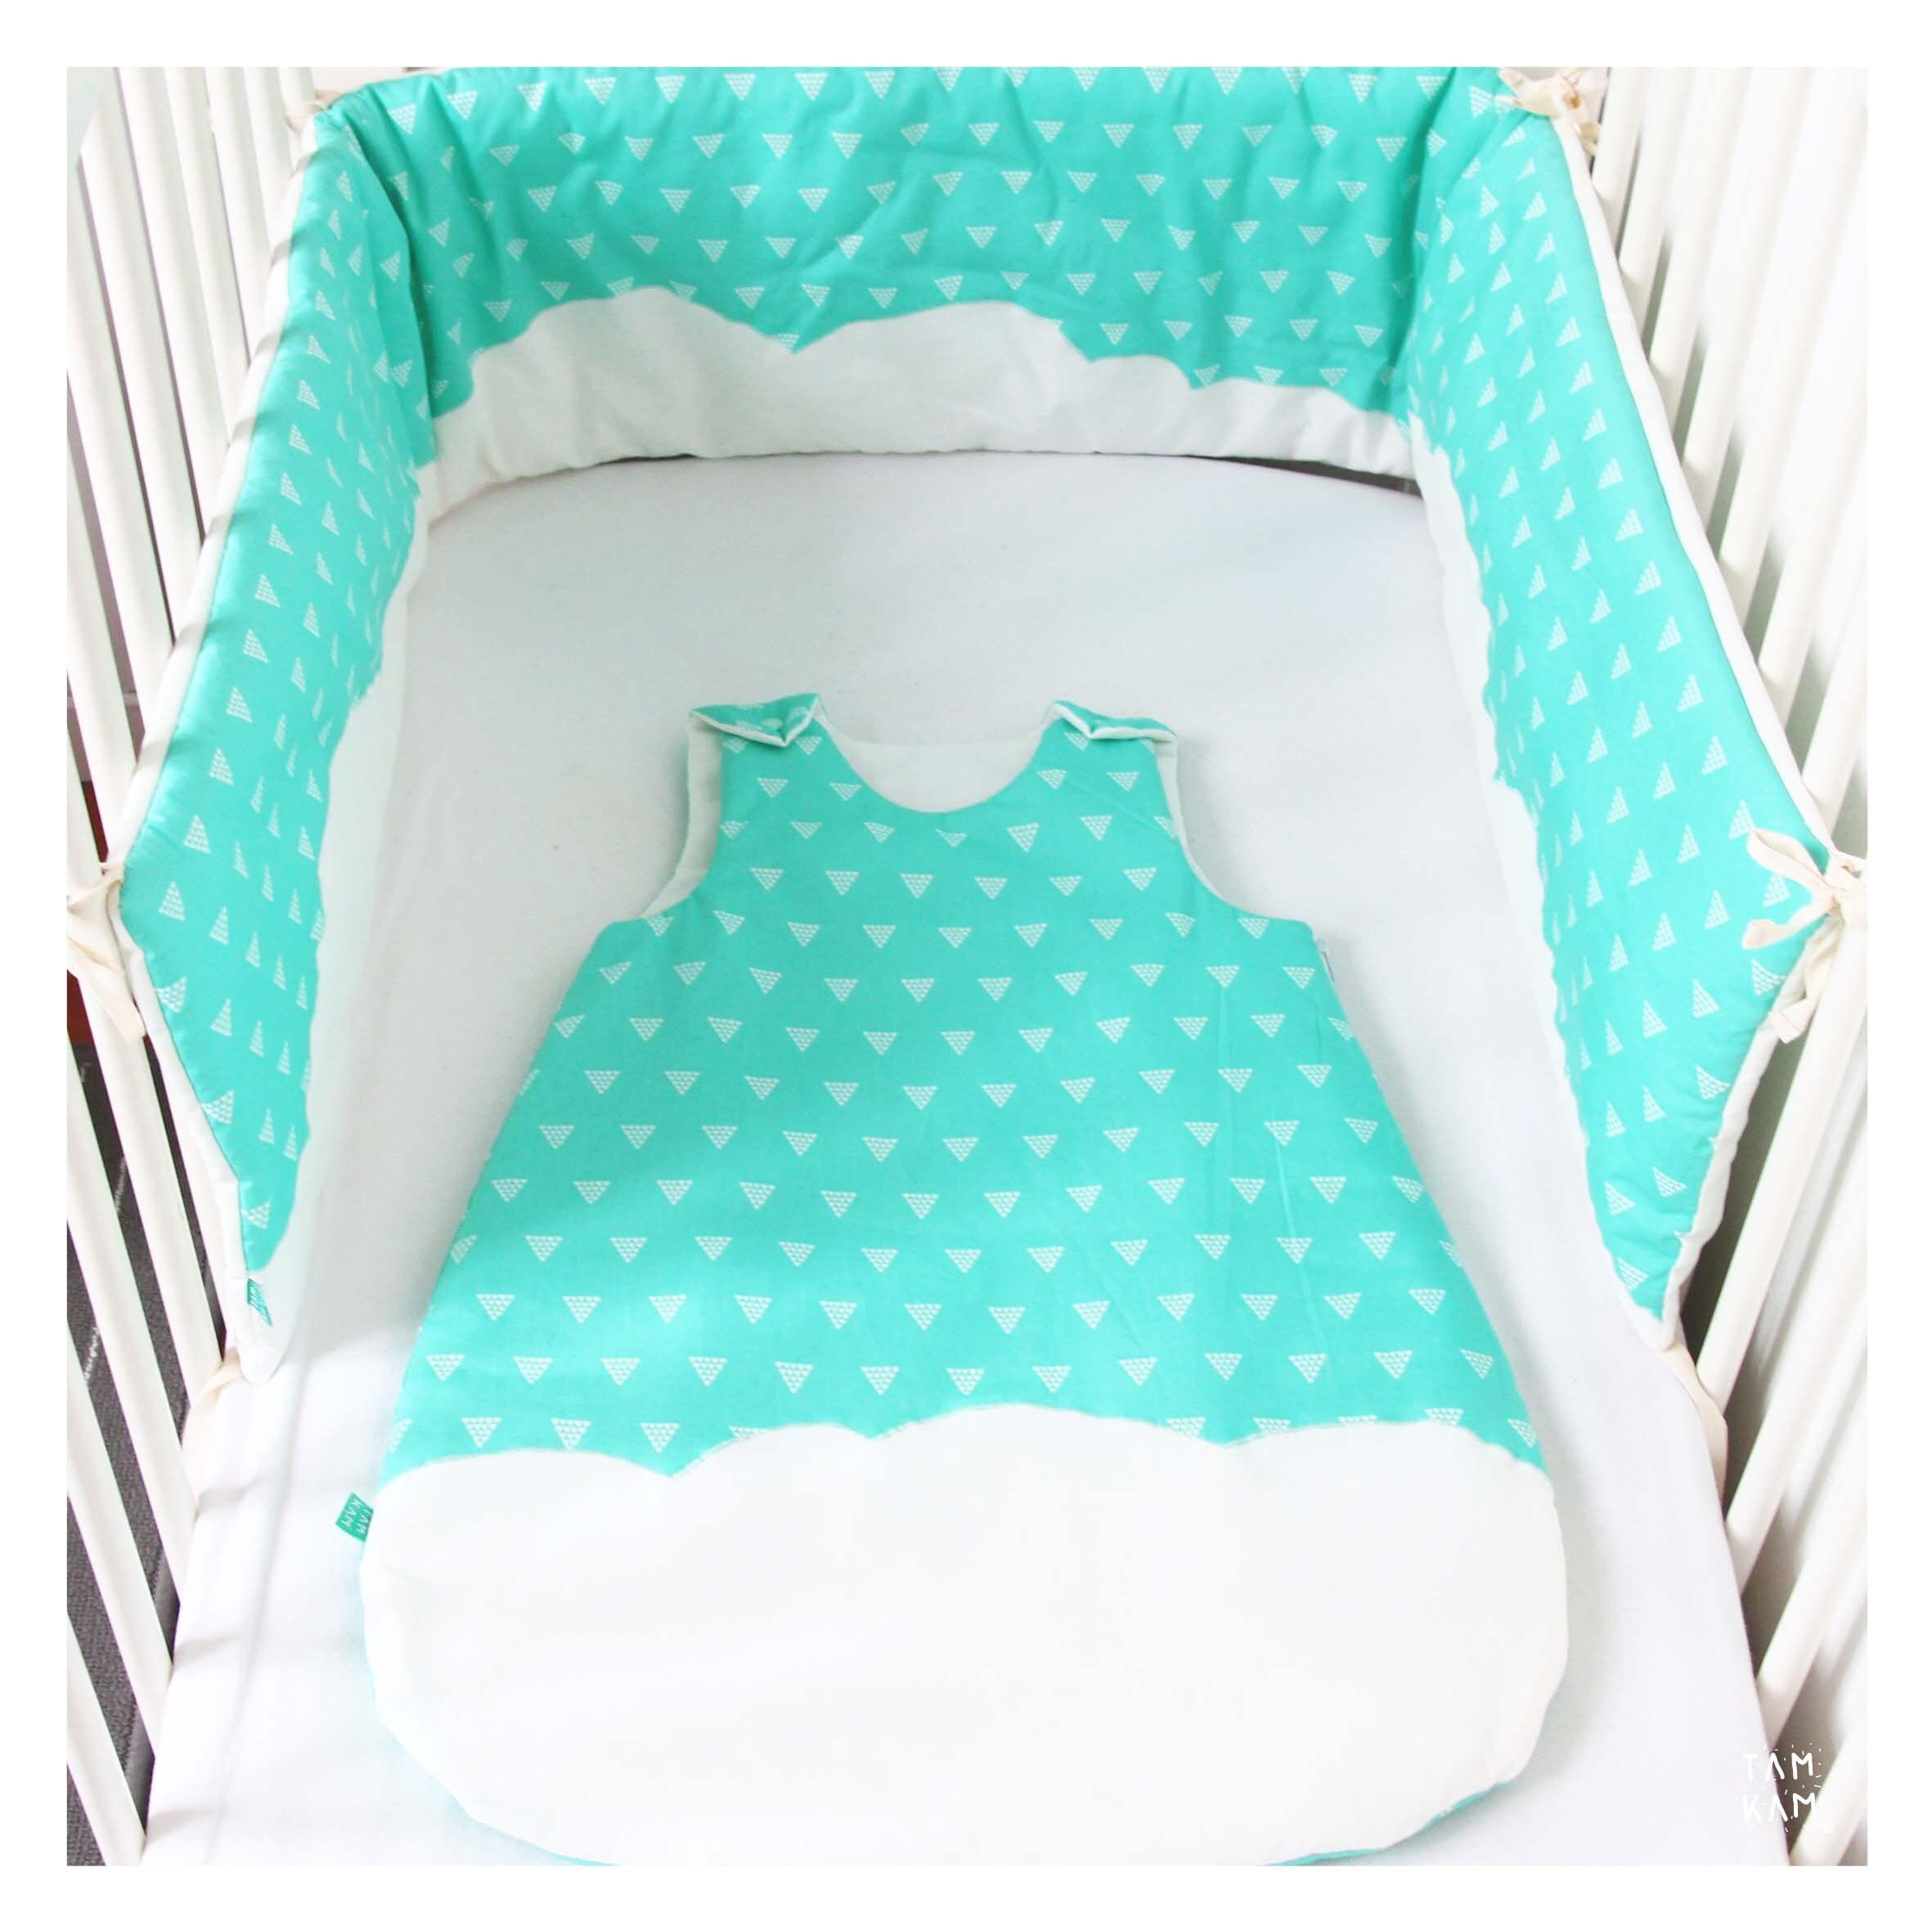 Gigoteuse b b turbulette b b 0 6 mois et tour de lit assorti - Tour de lit bebe et gigoteuse assortie ...